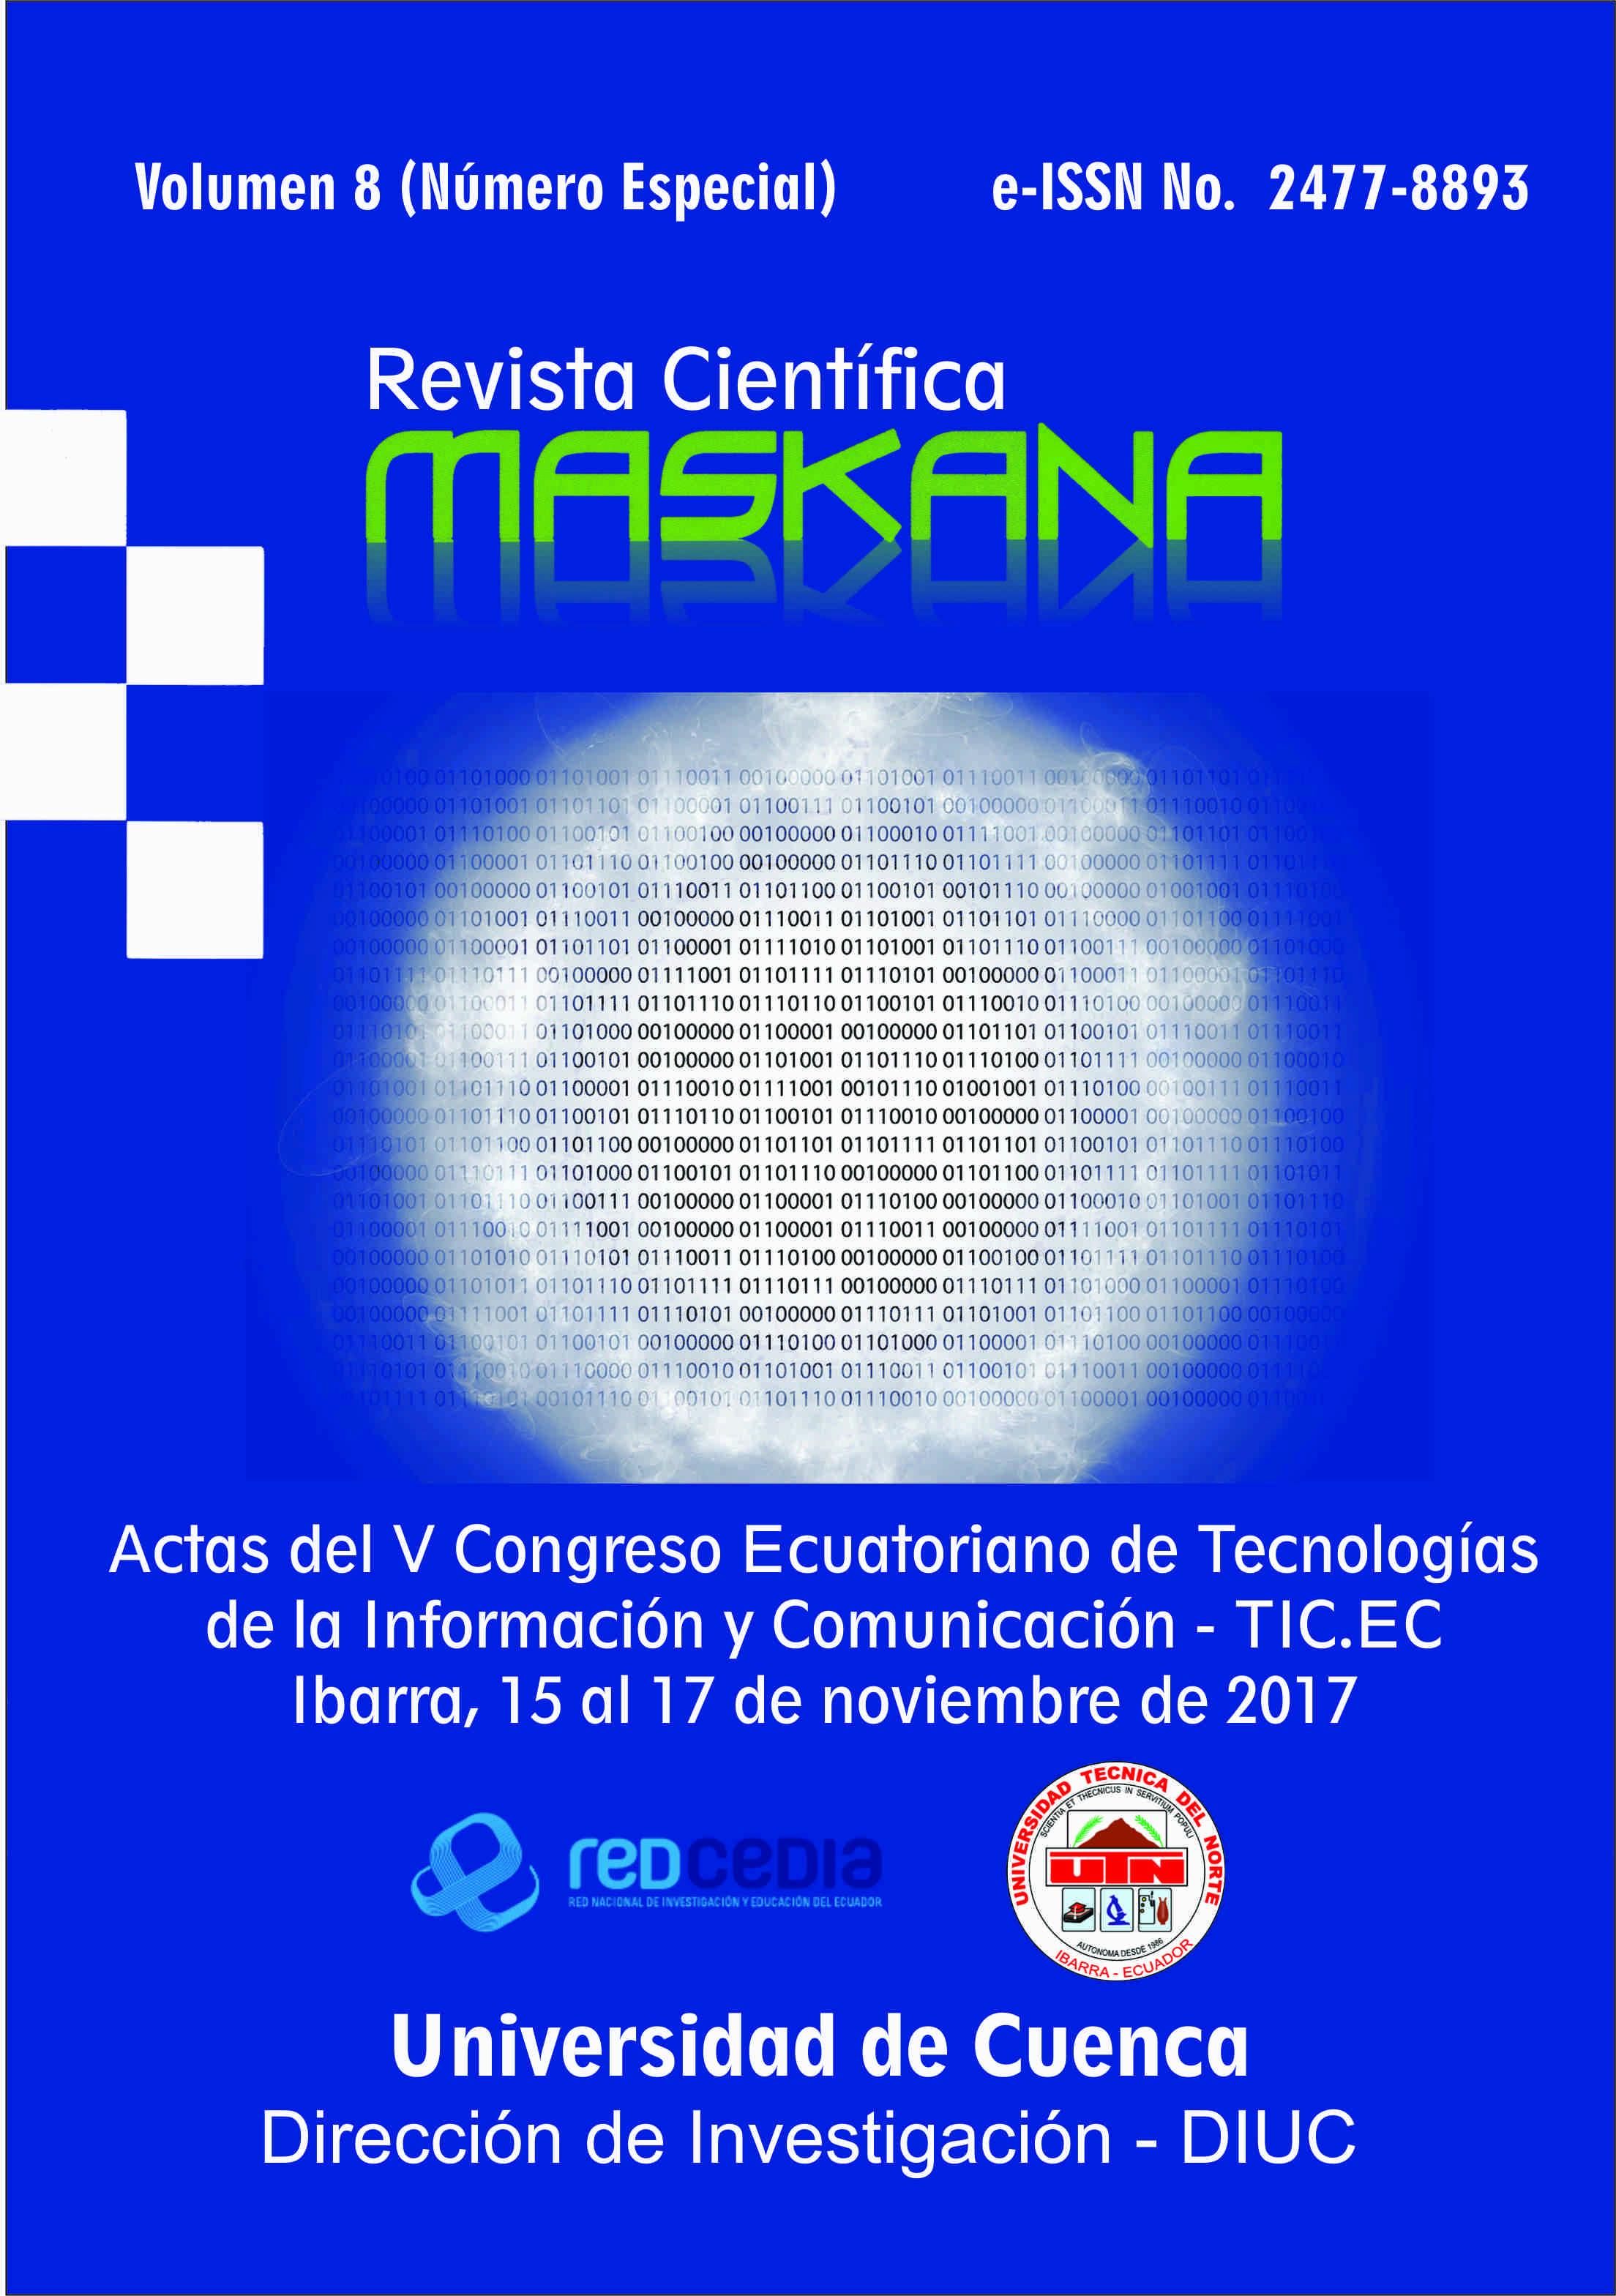 Ver Vol. 8 (2017): Actas del V Congreso Ecuatoriano de Tecnologías de la Información y Comunicación - TIC.EC 2017